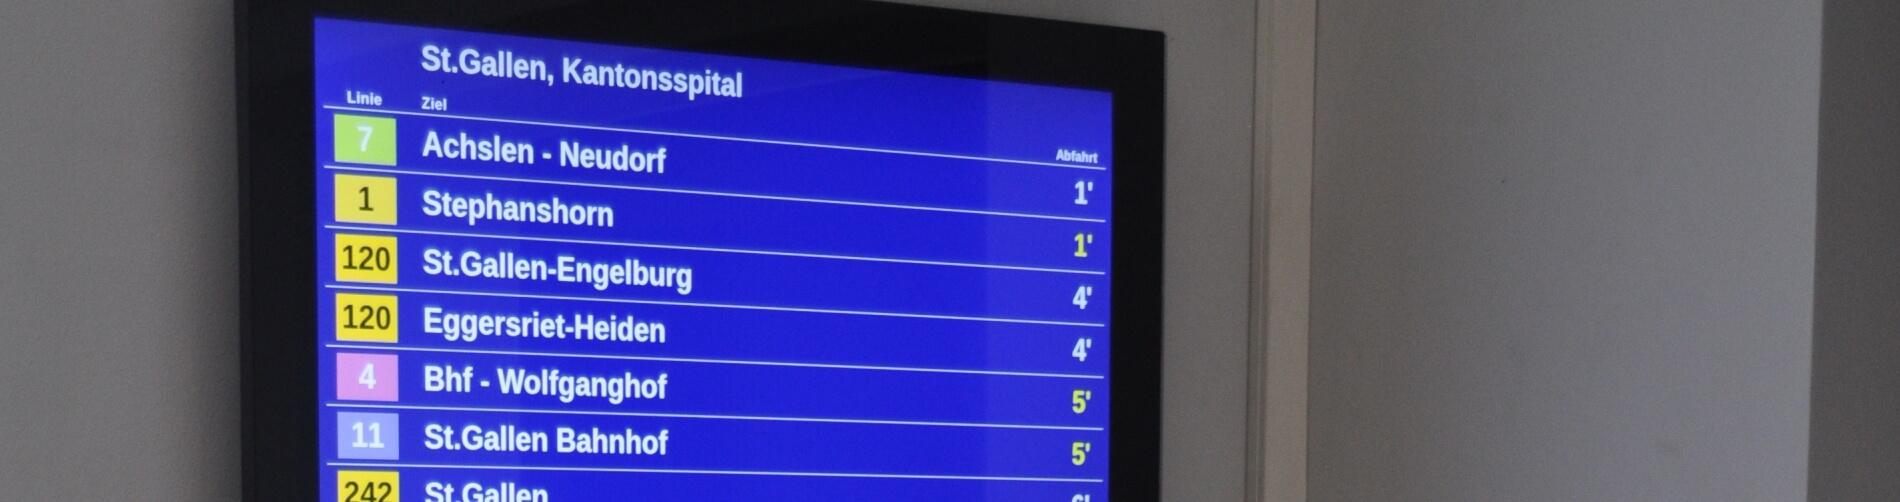 Abfahrtsmonitor für Kantonsspital St. Gallen